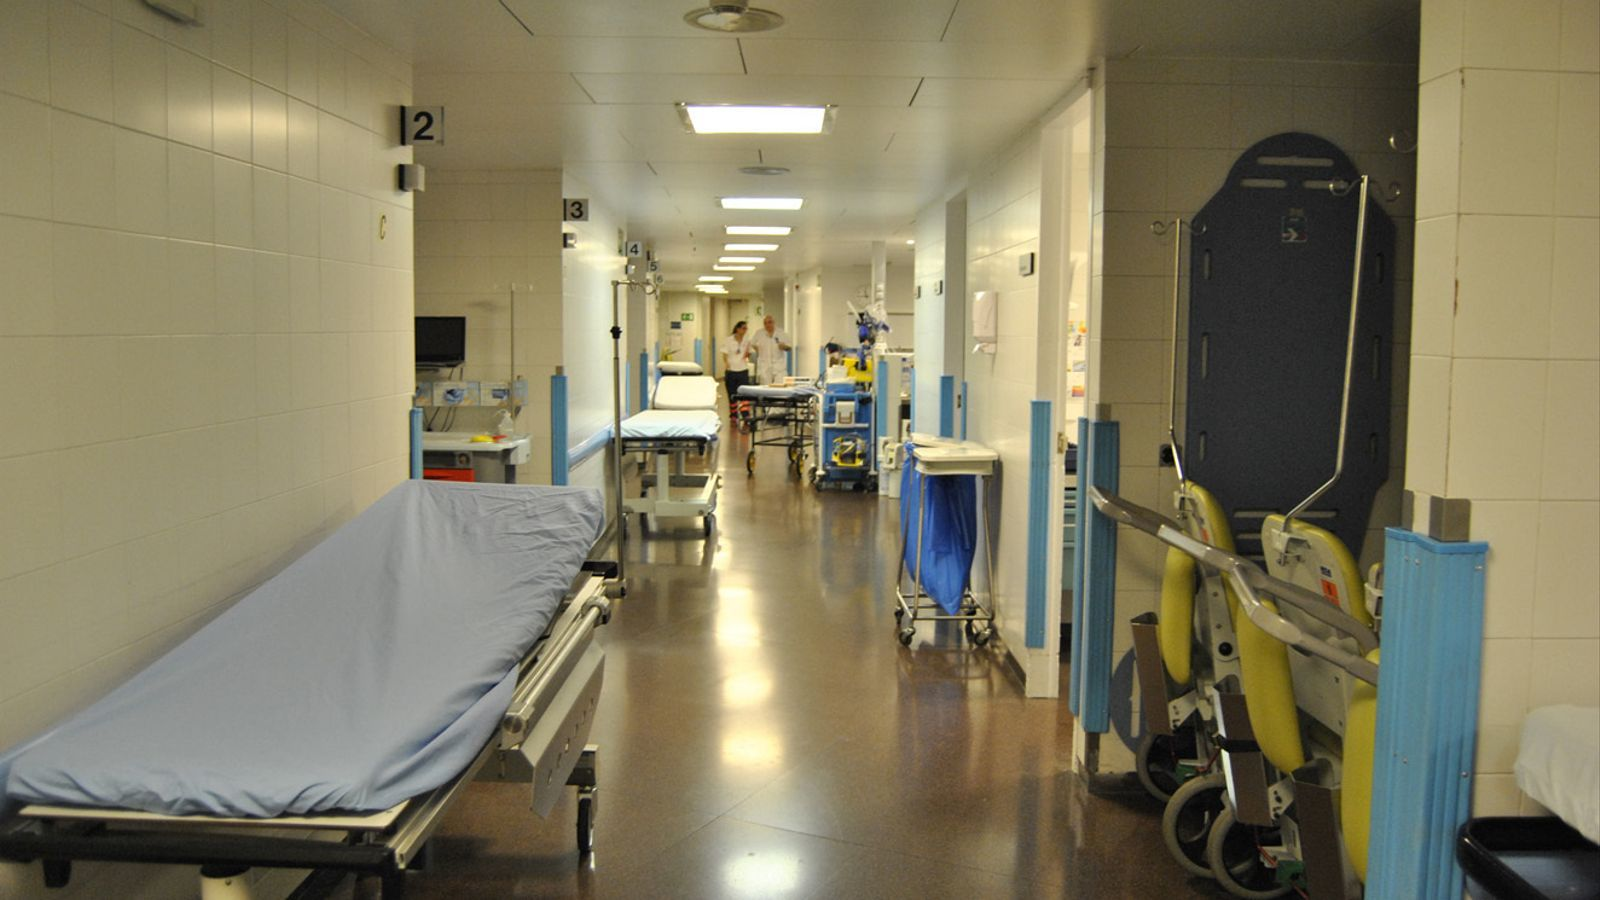 Les depedències del Servei d'Urgències de l'Hospital Nostra Senyora de Meritxell. / Arxiu